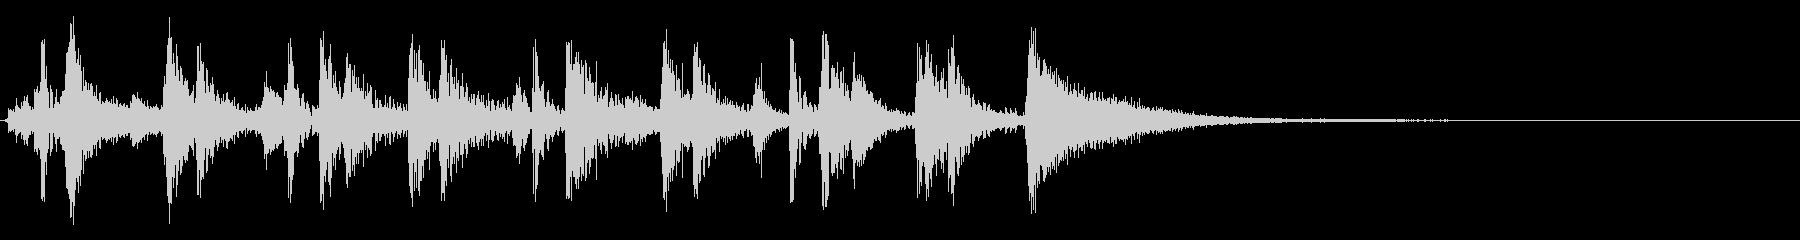 生ギター サンバで勢いのあるジングルの未再生の波形